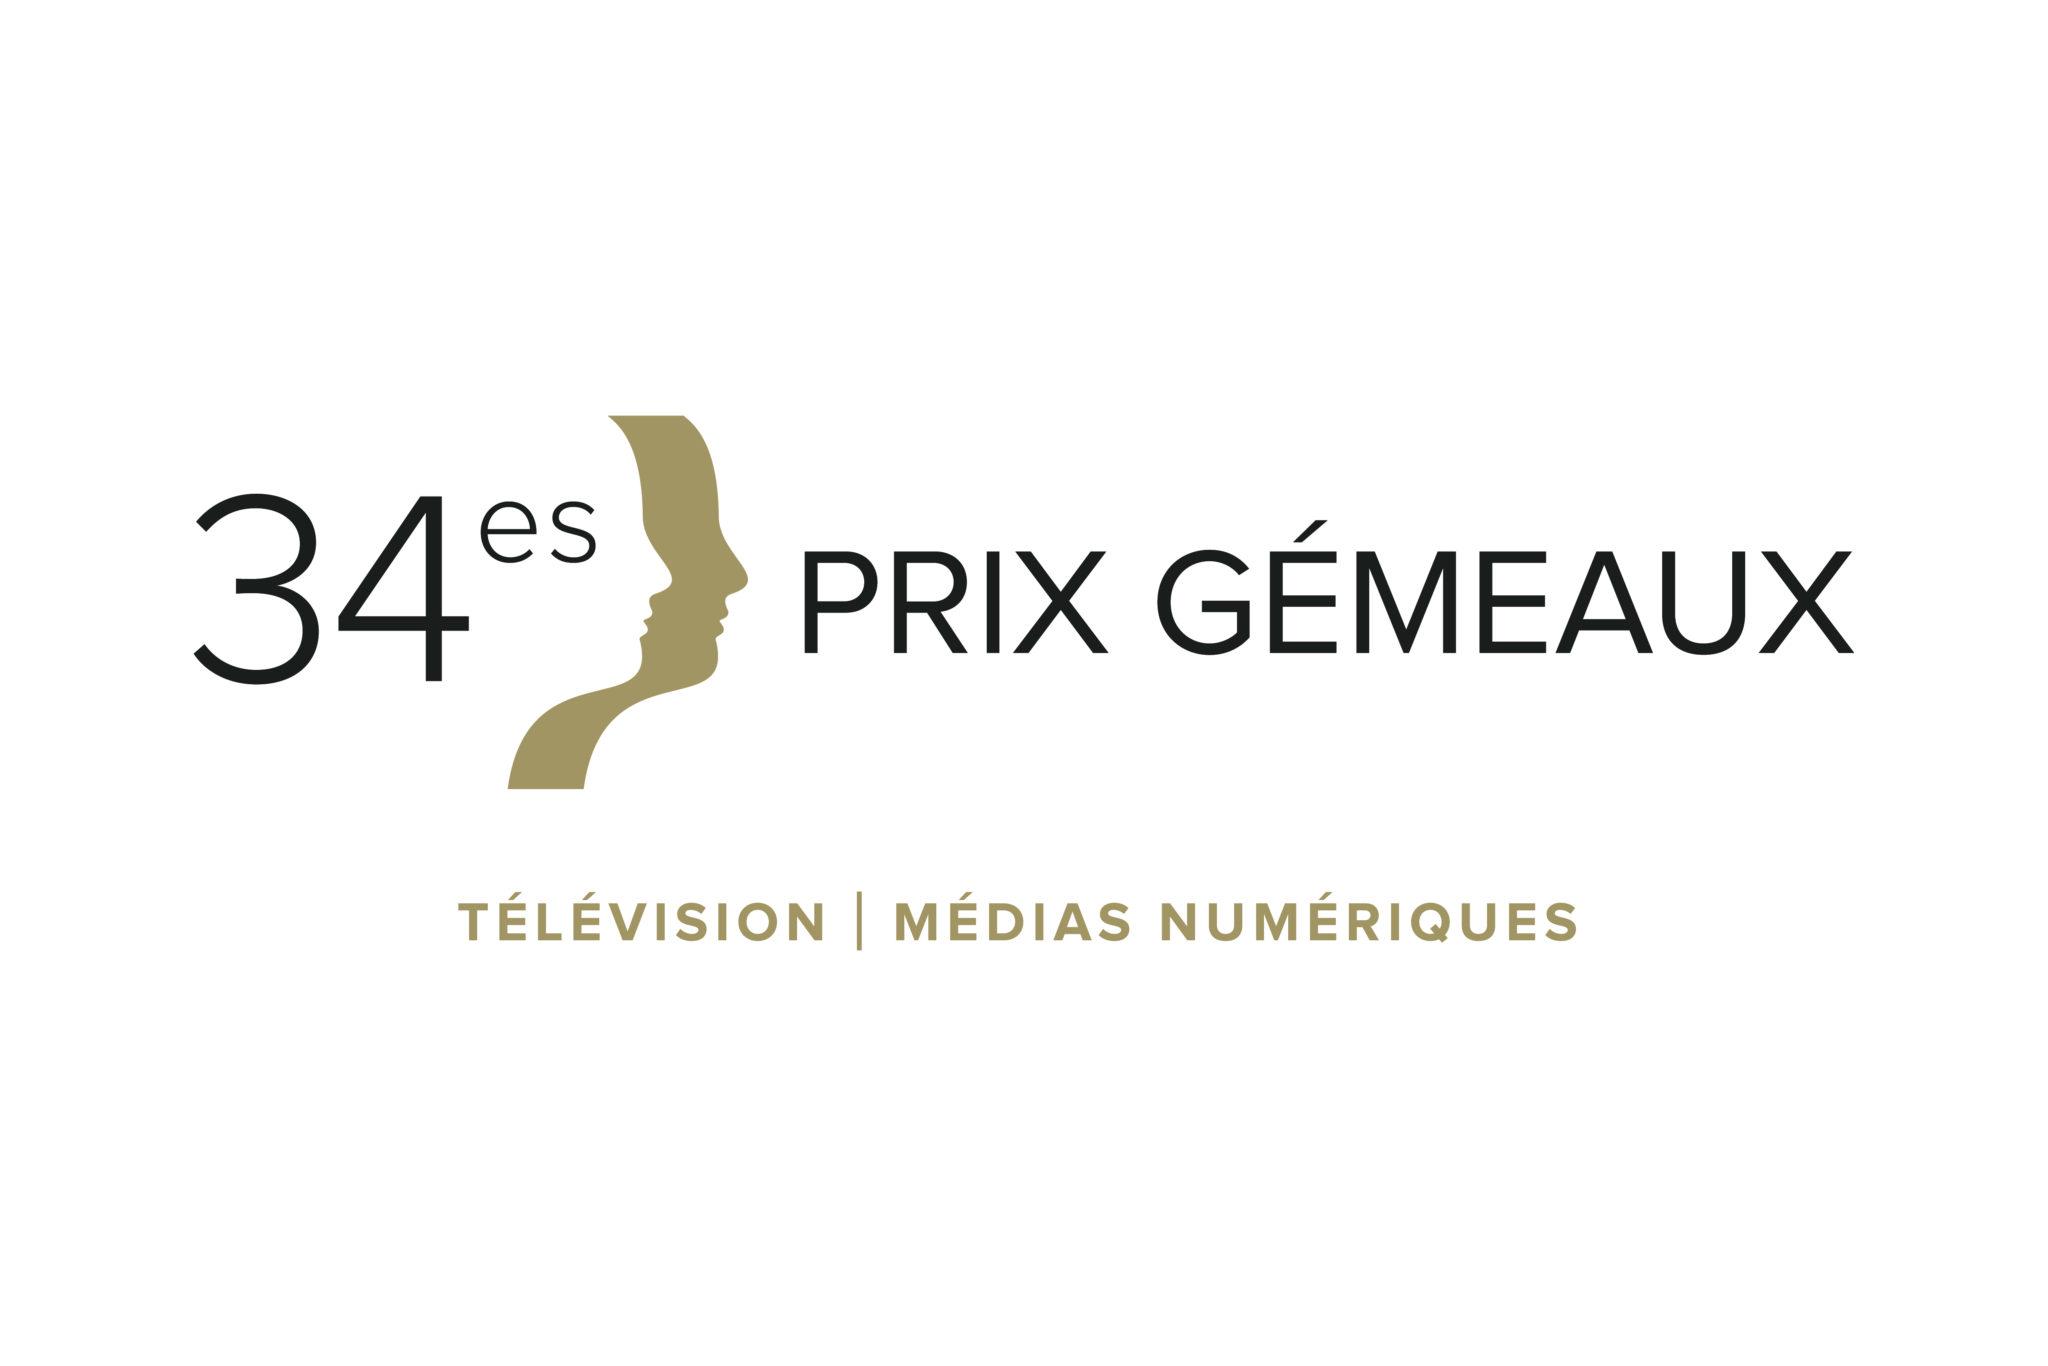 L'inscription aux 34es prix Gémeaux se poursuit jusqu'au 28 février 2019